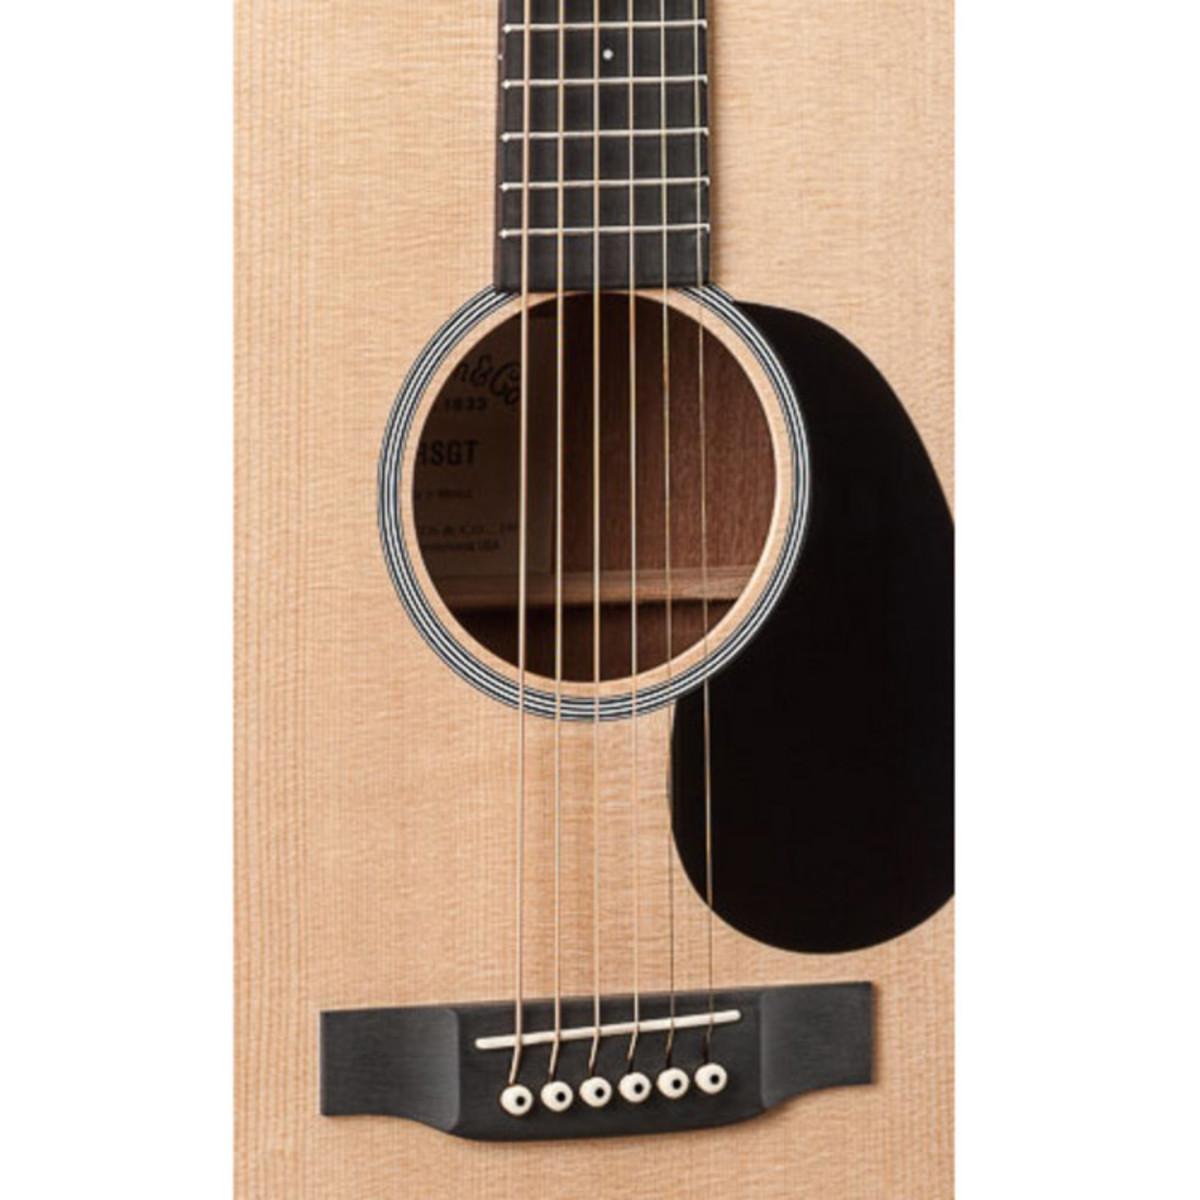 martin drsgt road series guitare lectro acoustique avec. Black Bedroom Furniture Sets. Home Design Ideas